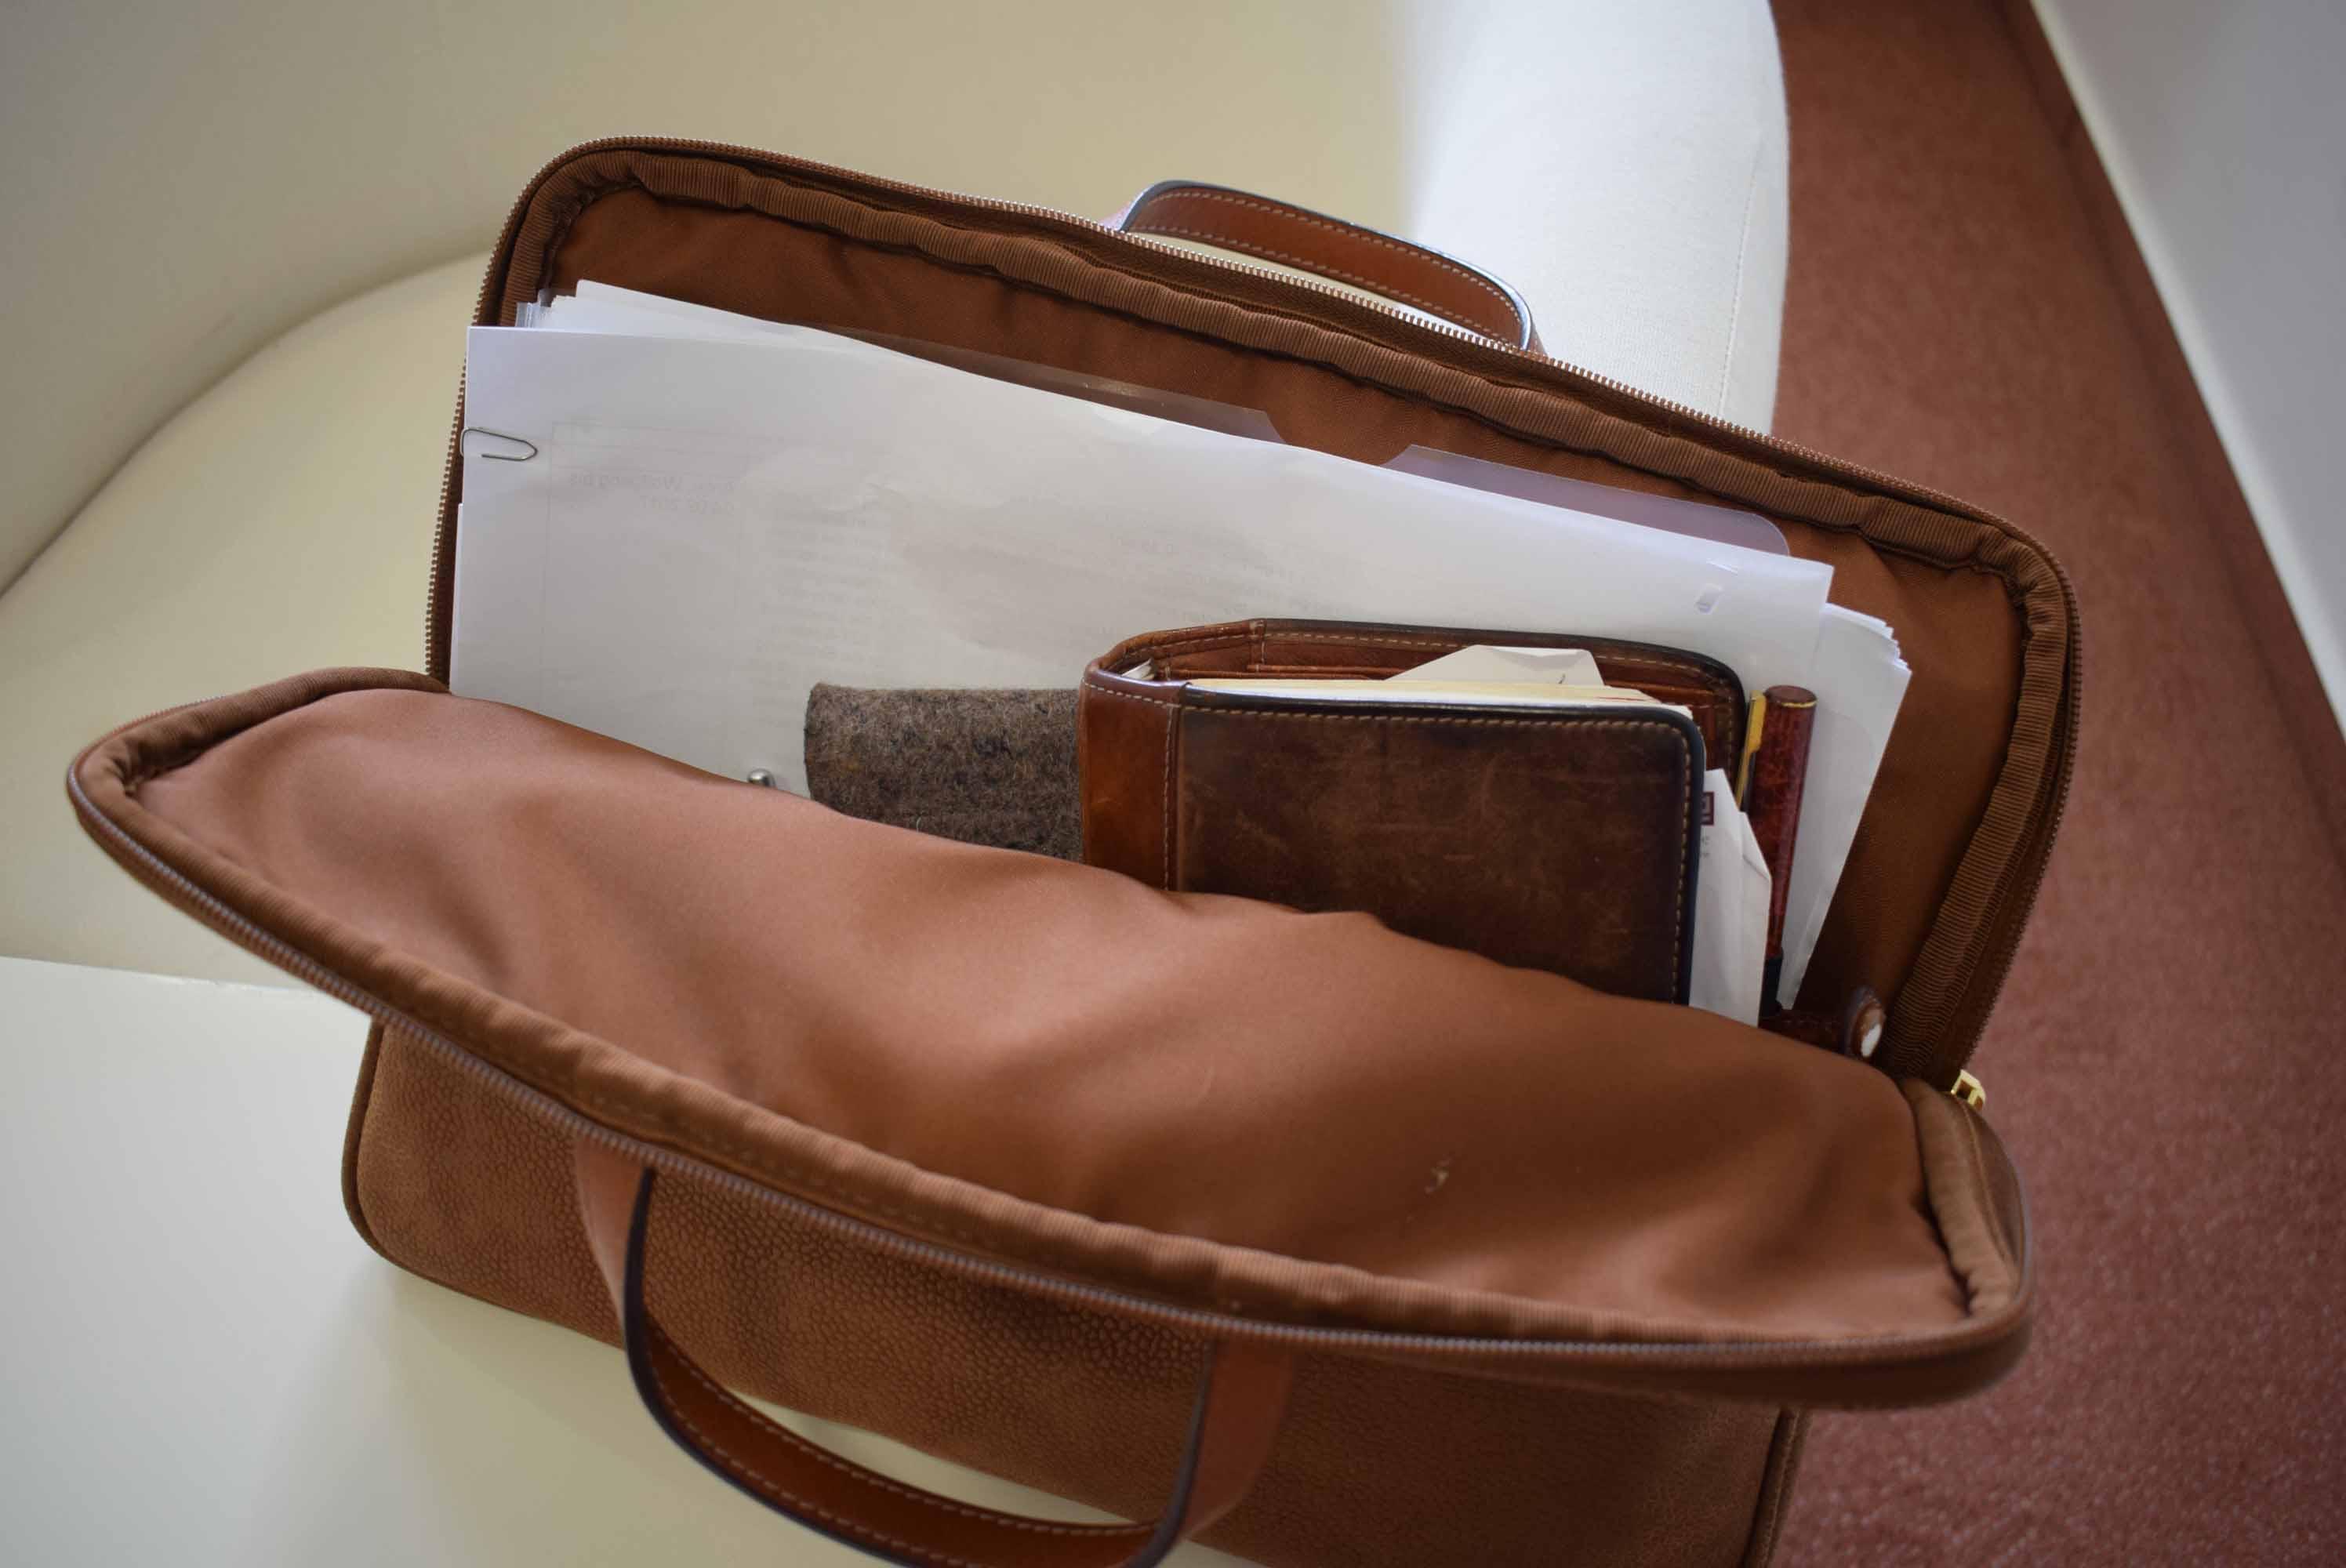 Blick in eine Aktentasche